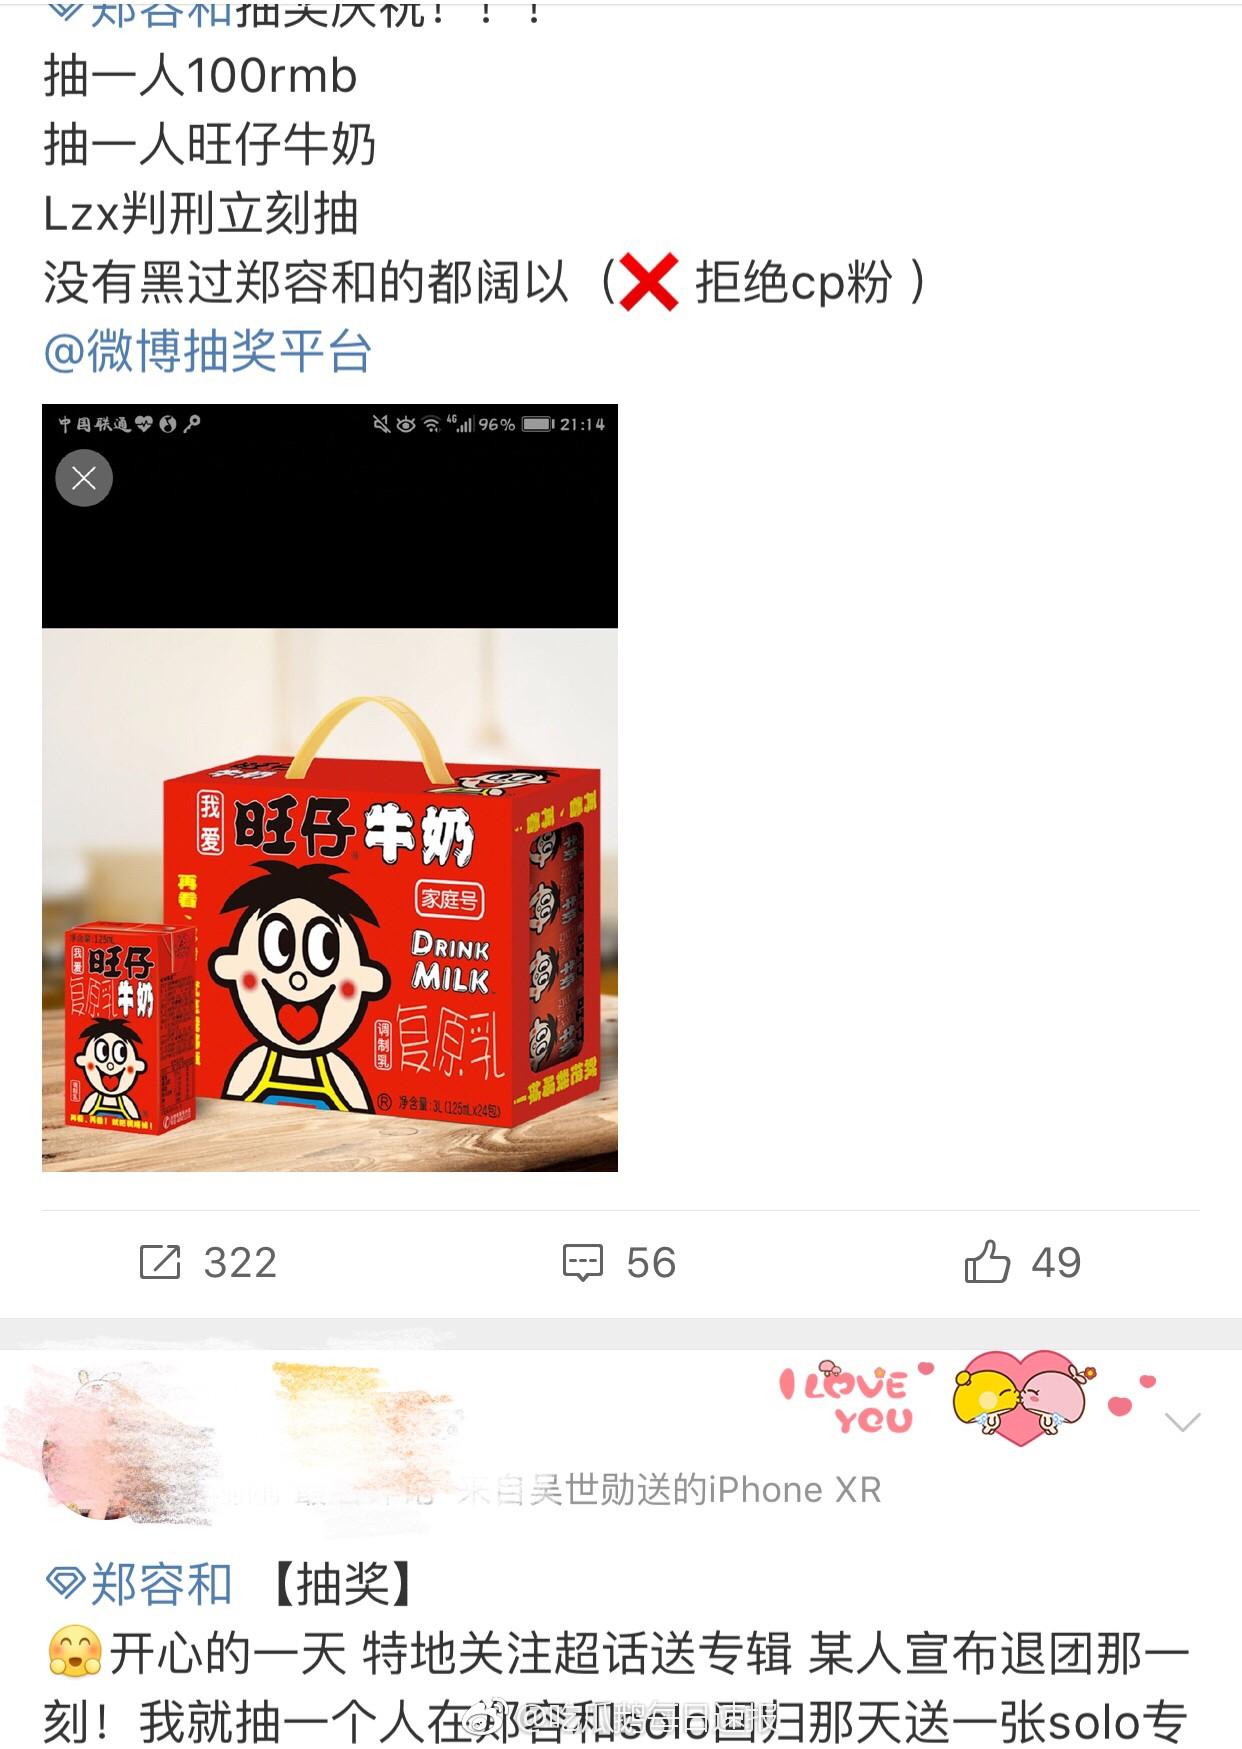 Chuyện thật như đùa: Fan Trung của Jung Yong Hwa mở give-away cực khủng nhân dịp Lee Jonghyun bị bóc phốt - Ảnh 2.